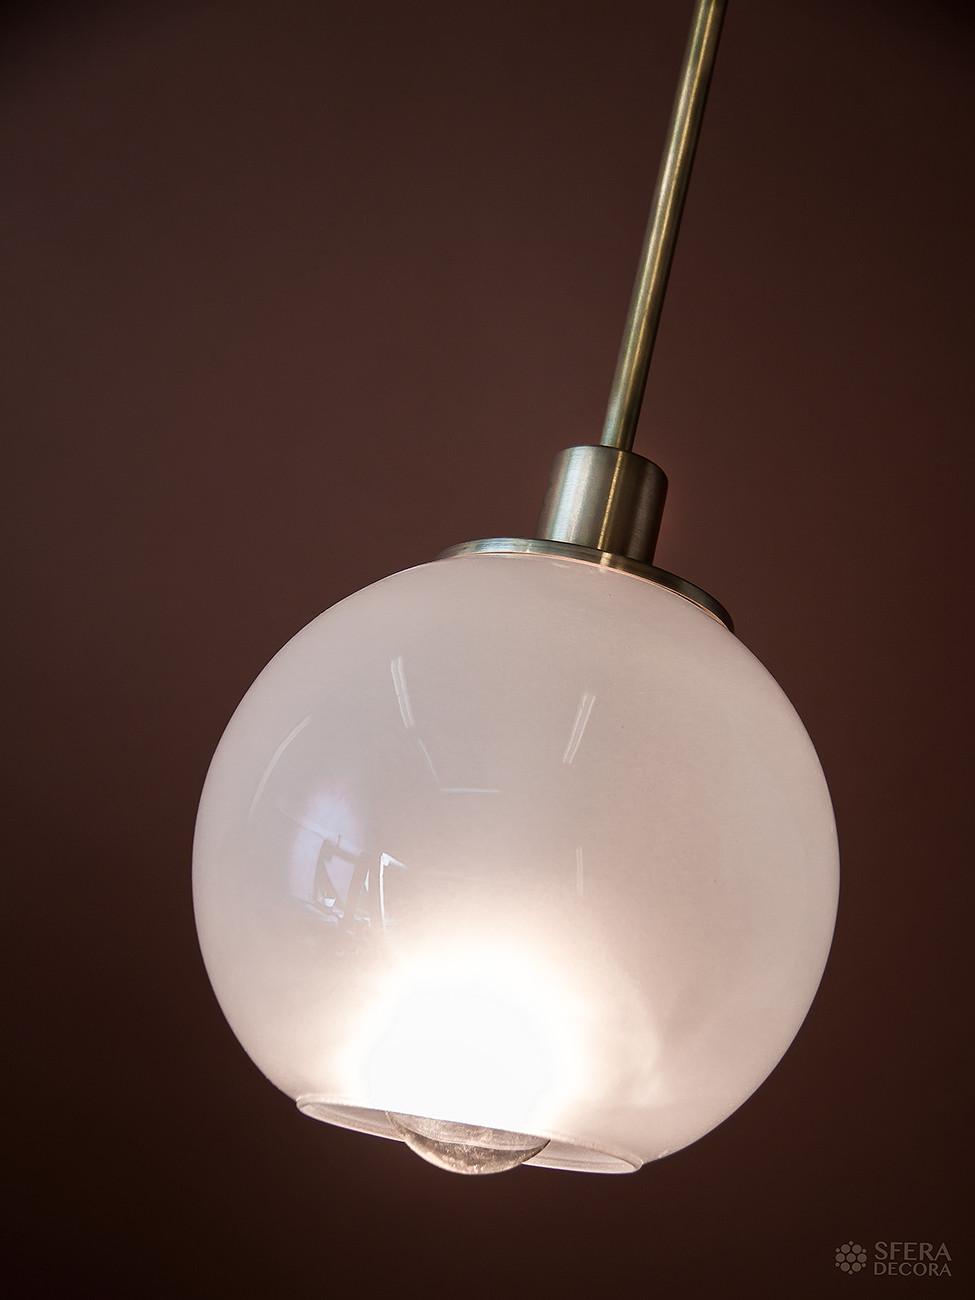 Светильники ручной работы на заказ